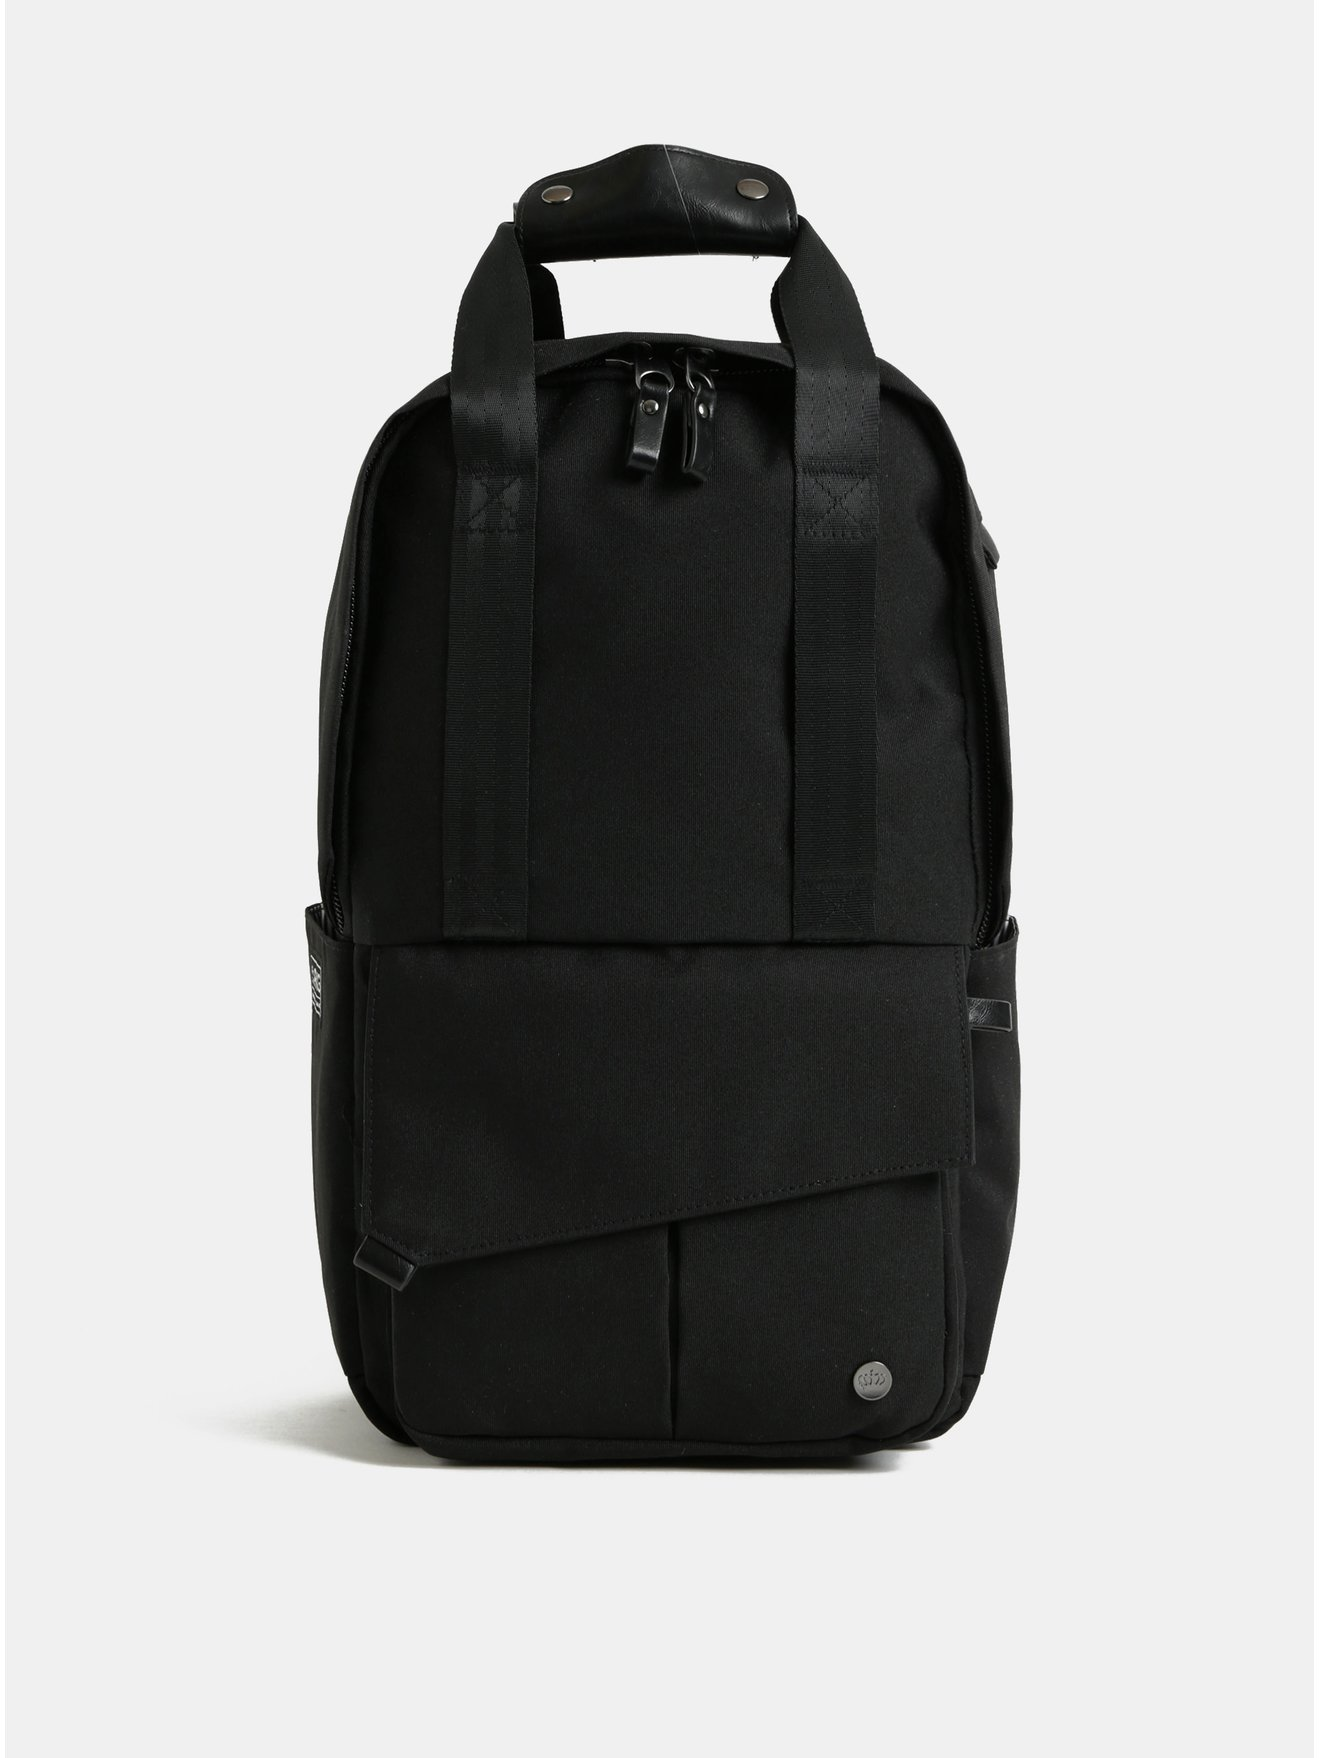 Černý nepromokavý batoh s vnitřní taškou na notebook 2v1 PKG 12 l 2fd3c7137a